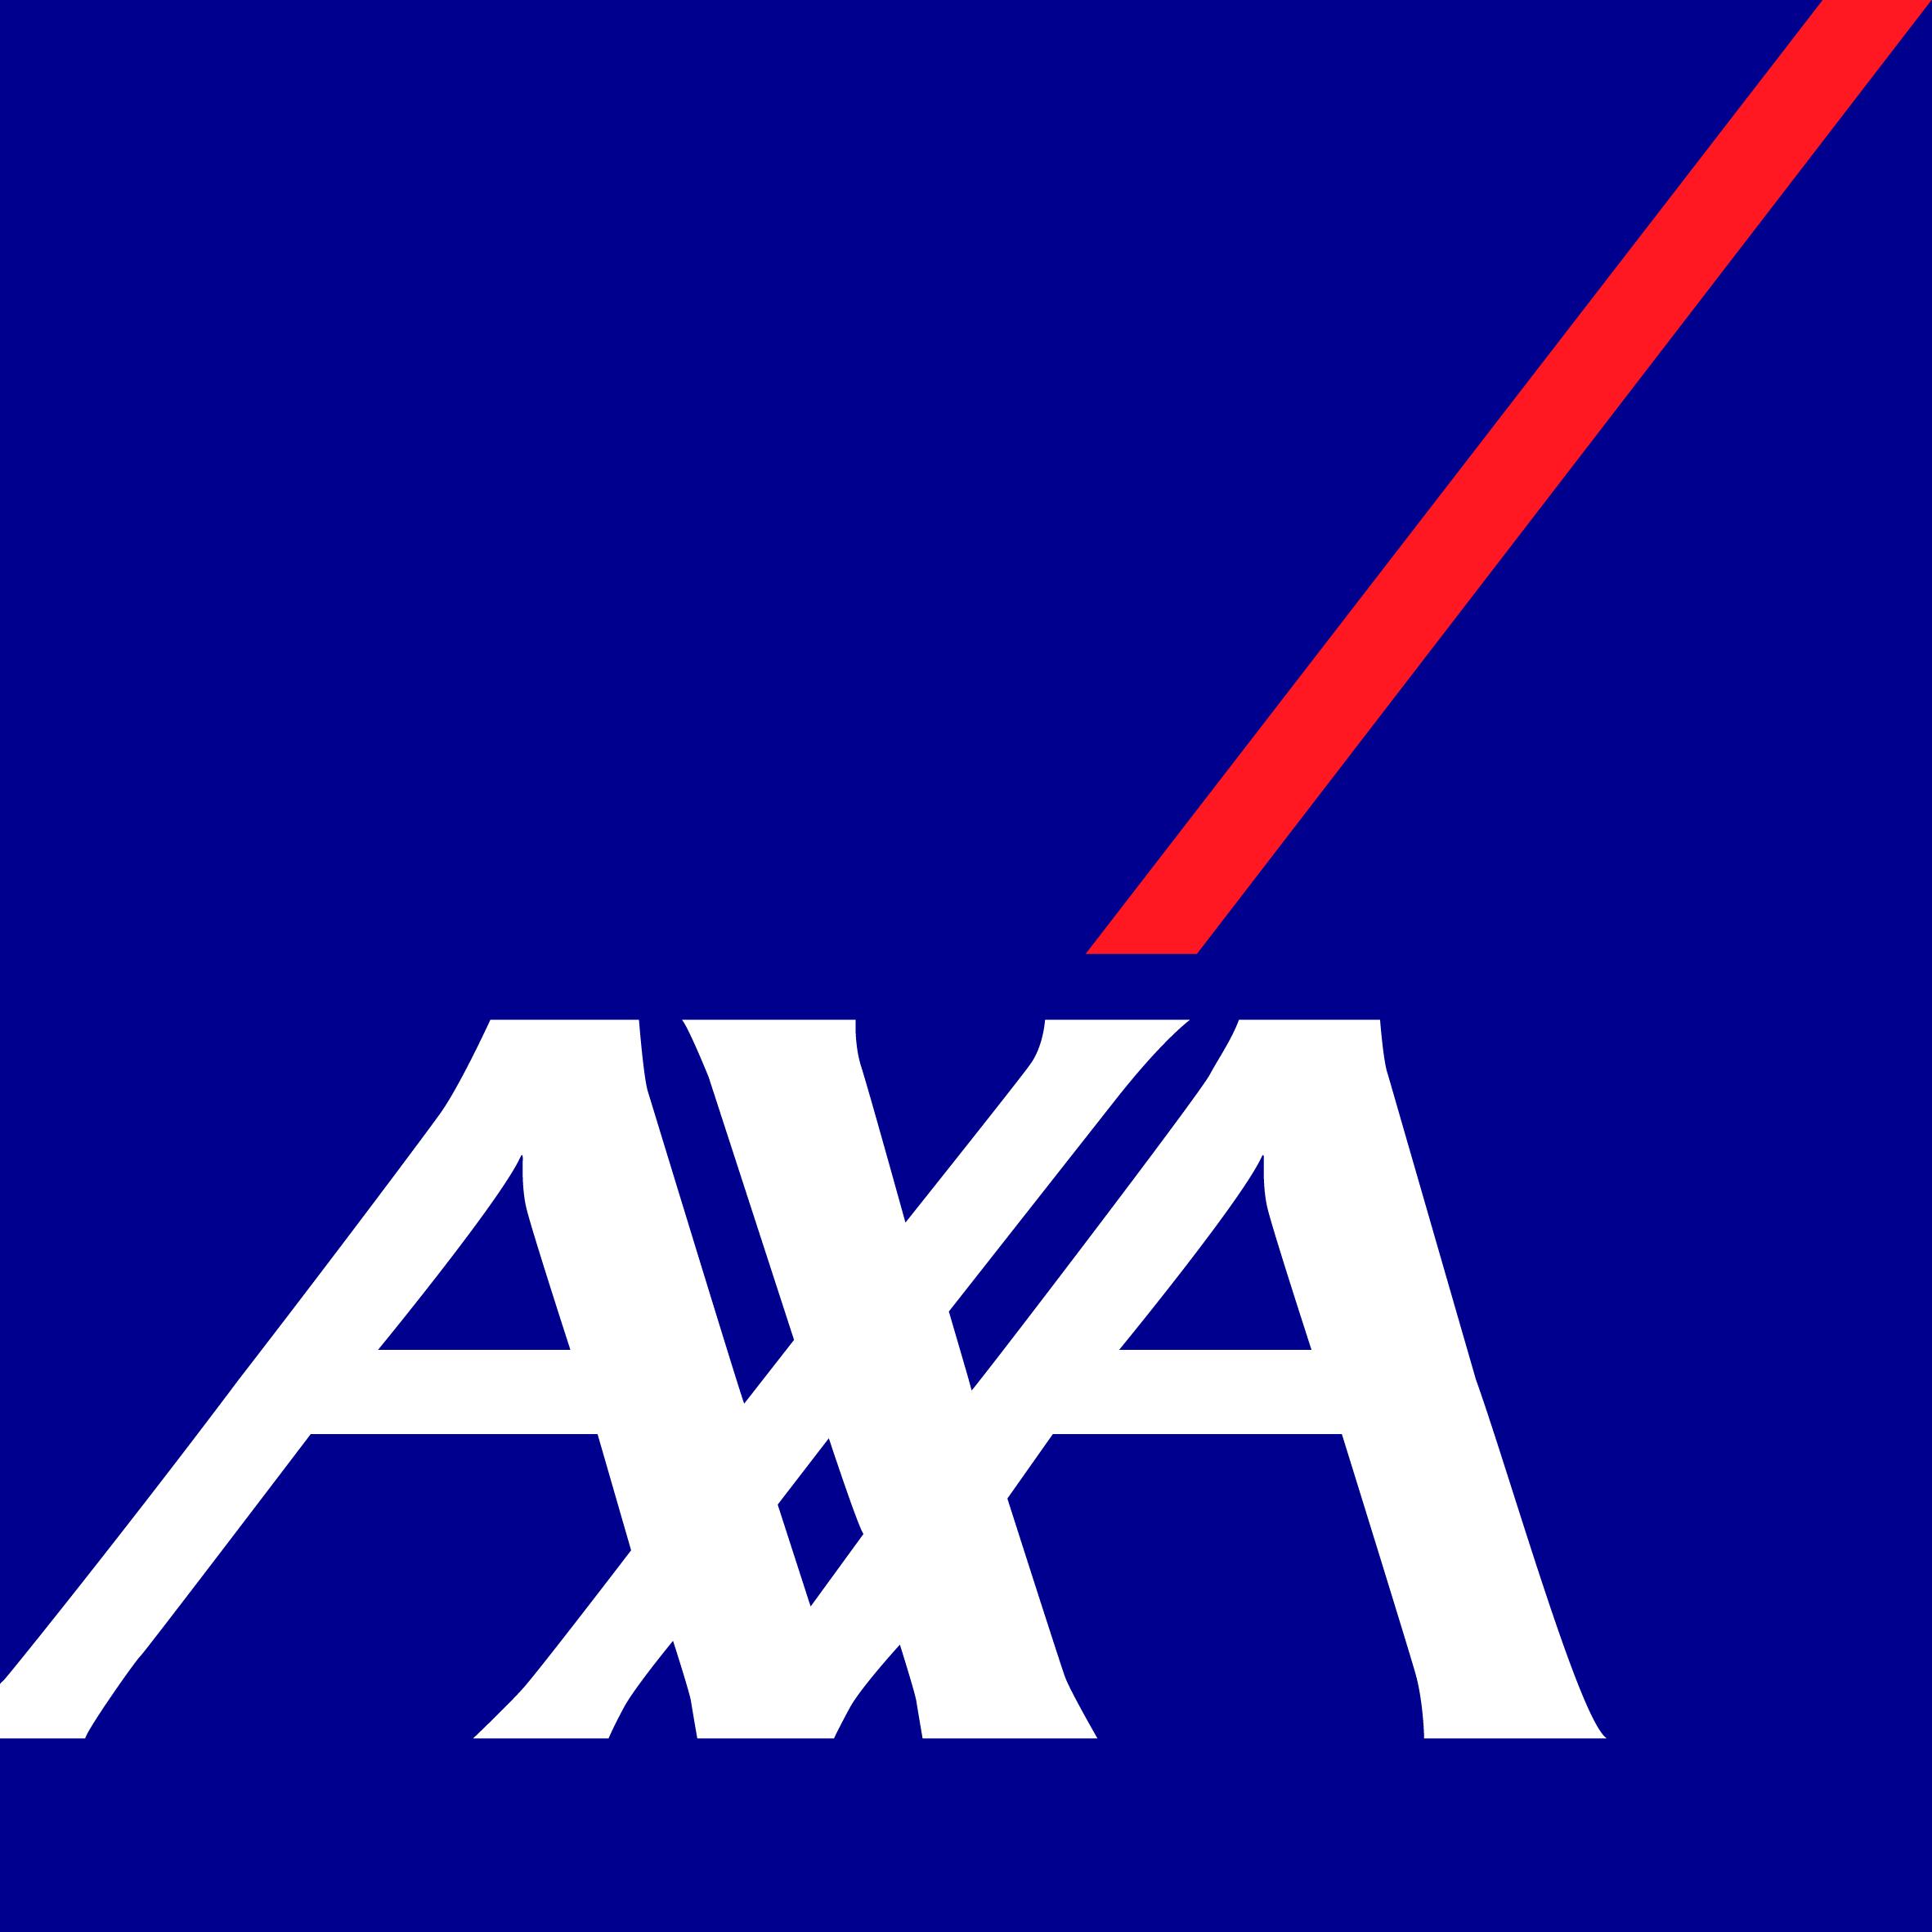 AXA Philippe NEZEYS